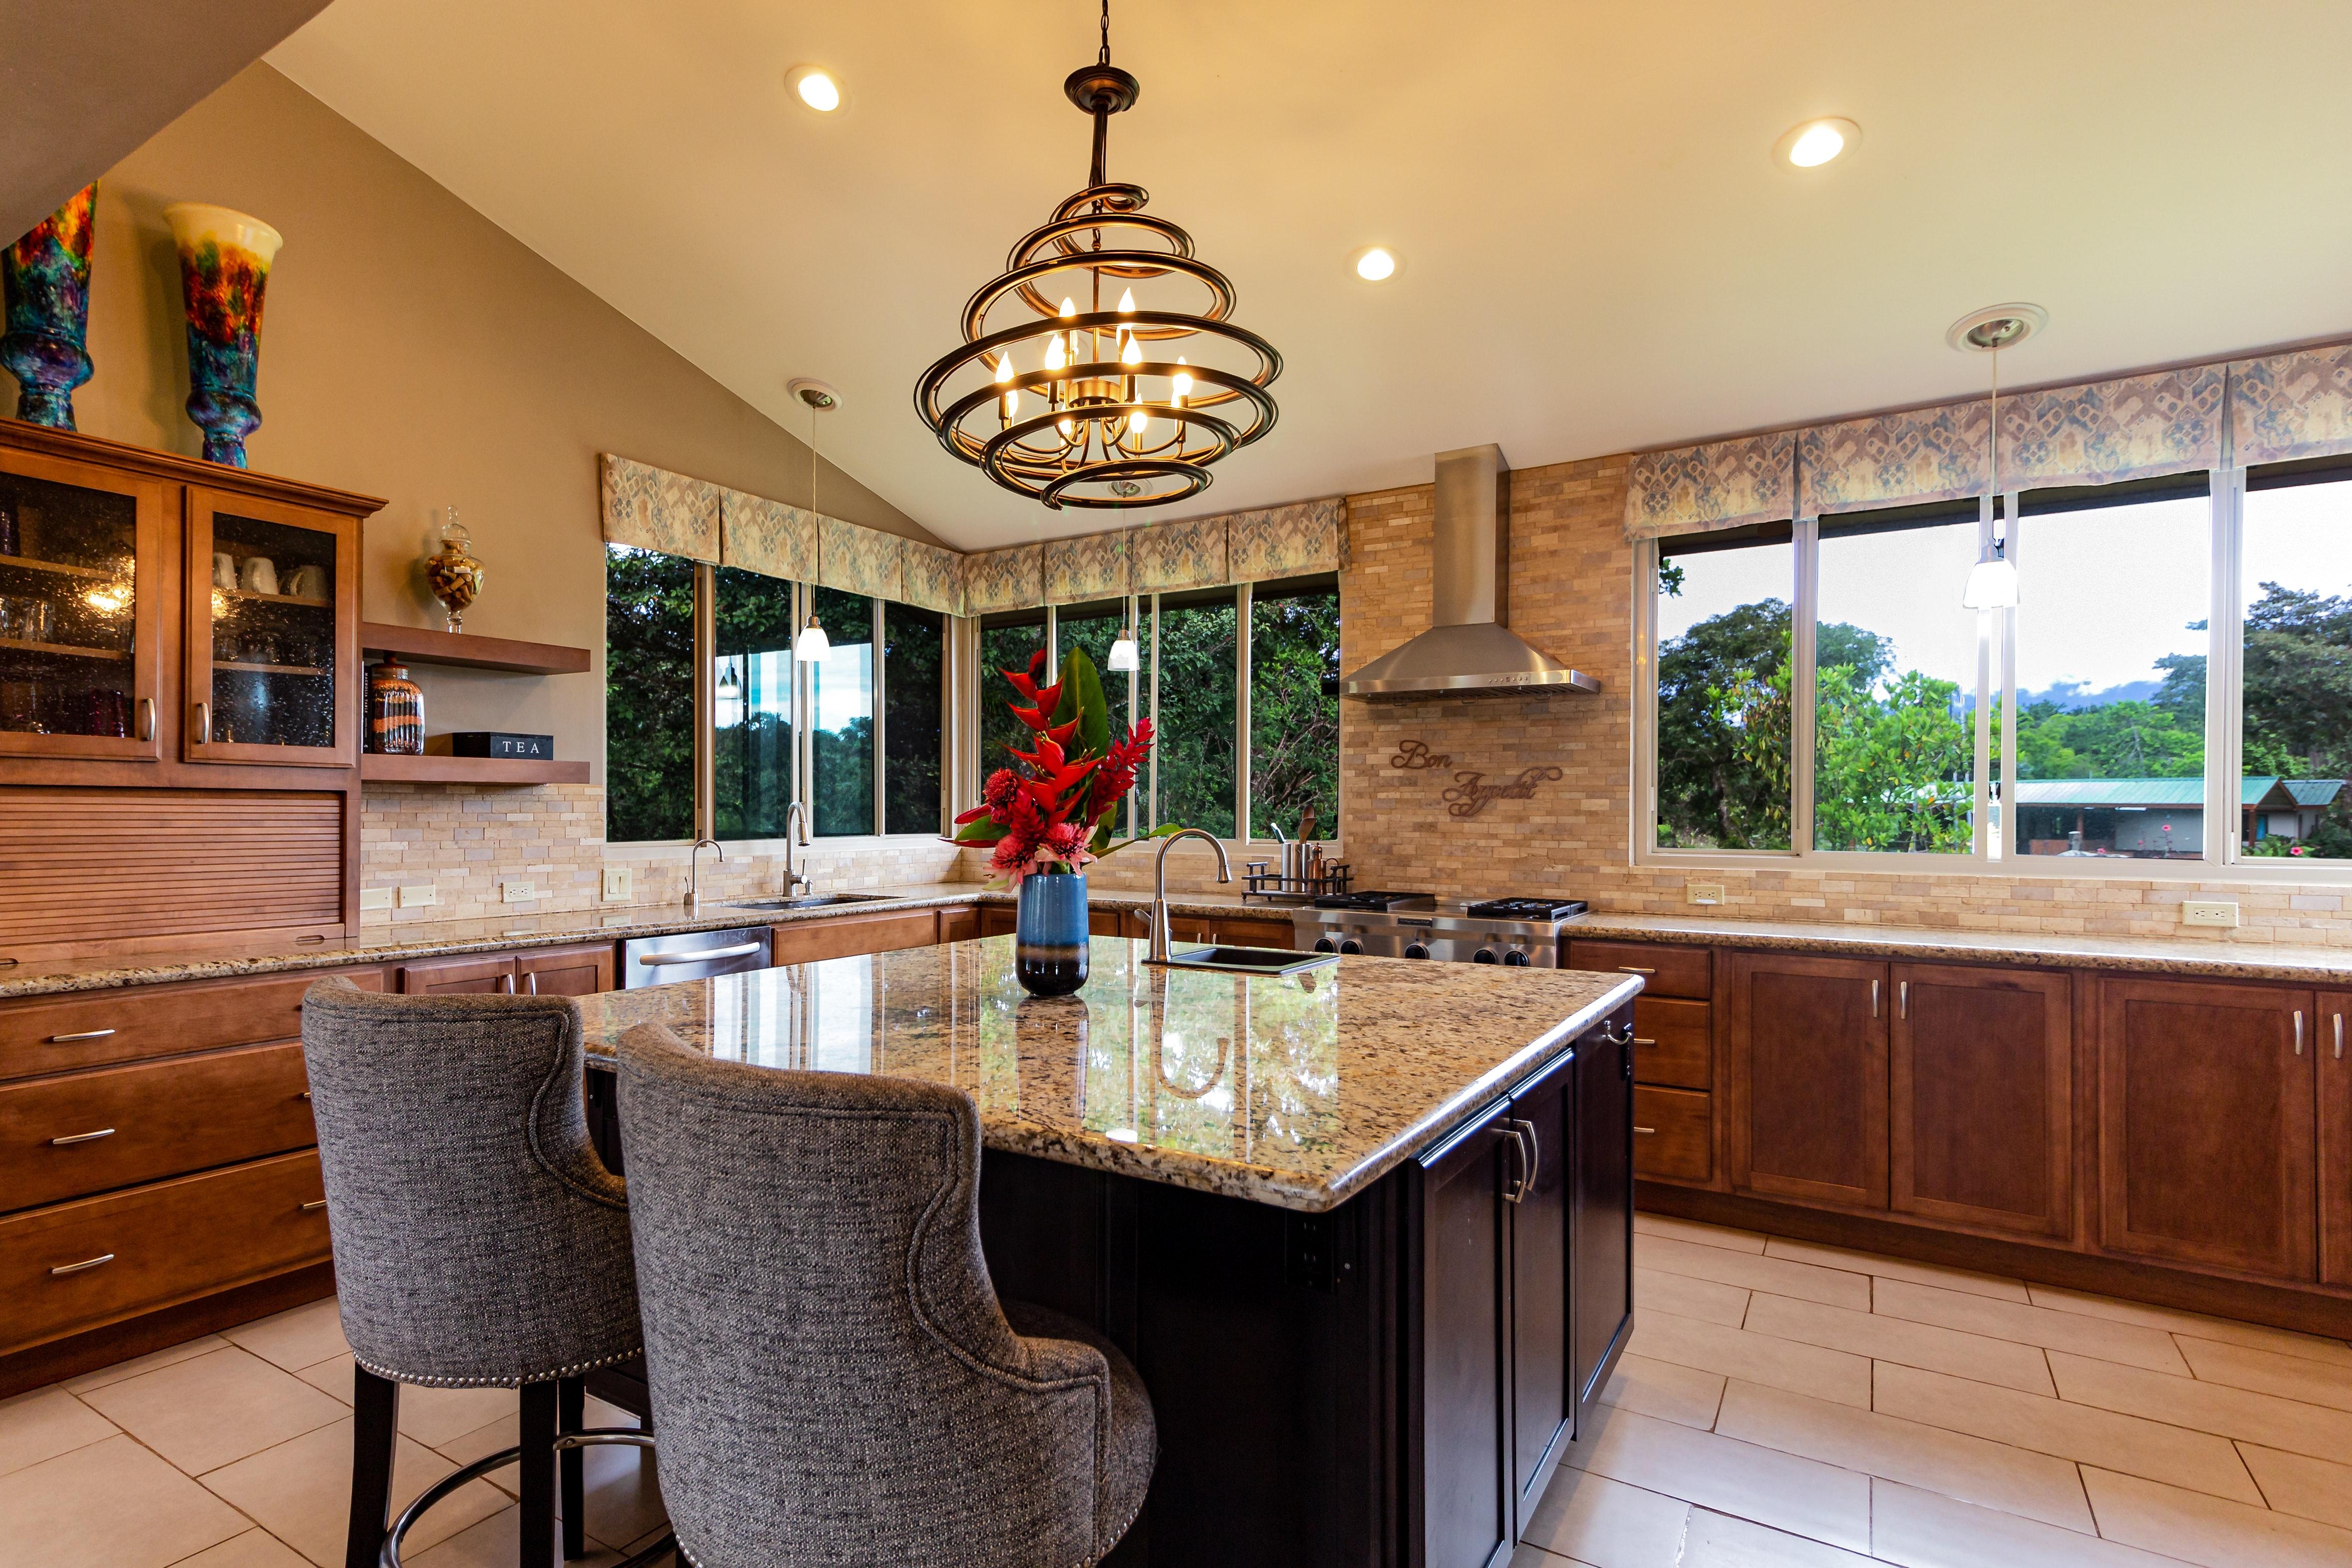 Kitchen Remodel: Marble vs Granite Countertops